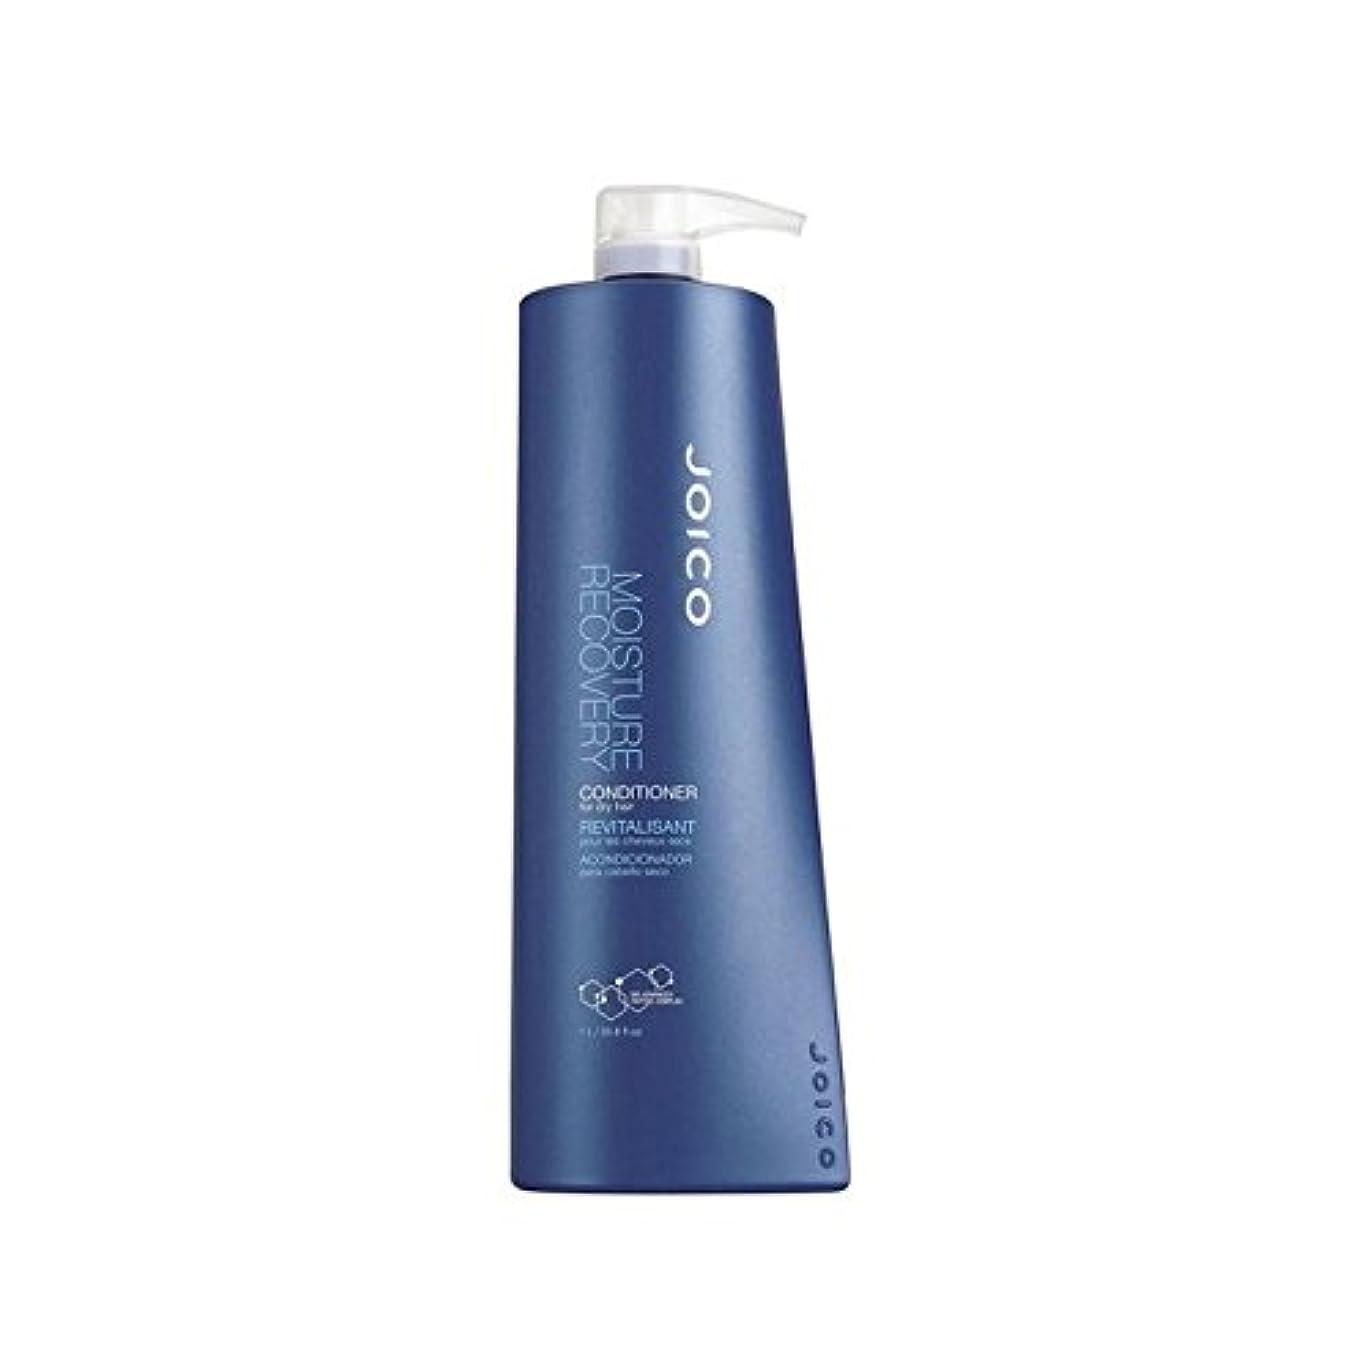 記念碑的な経験的承認するJoico Moisture Recovery Conditioner For Dry Hair (1000ml) - 乾いた髪用ジョイコ水分回復コンディショナー(千ミリリットル) [並行輸入品]